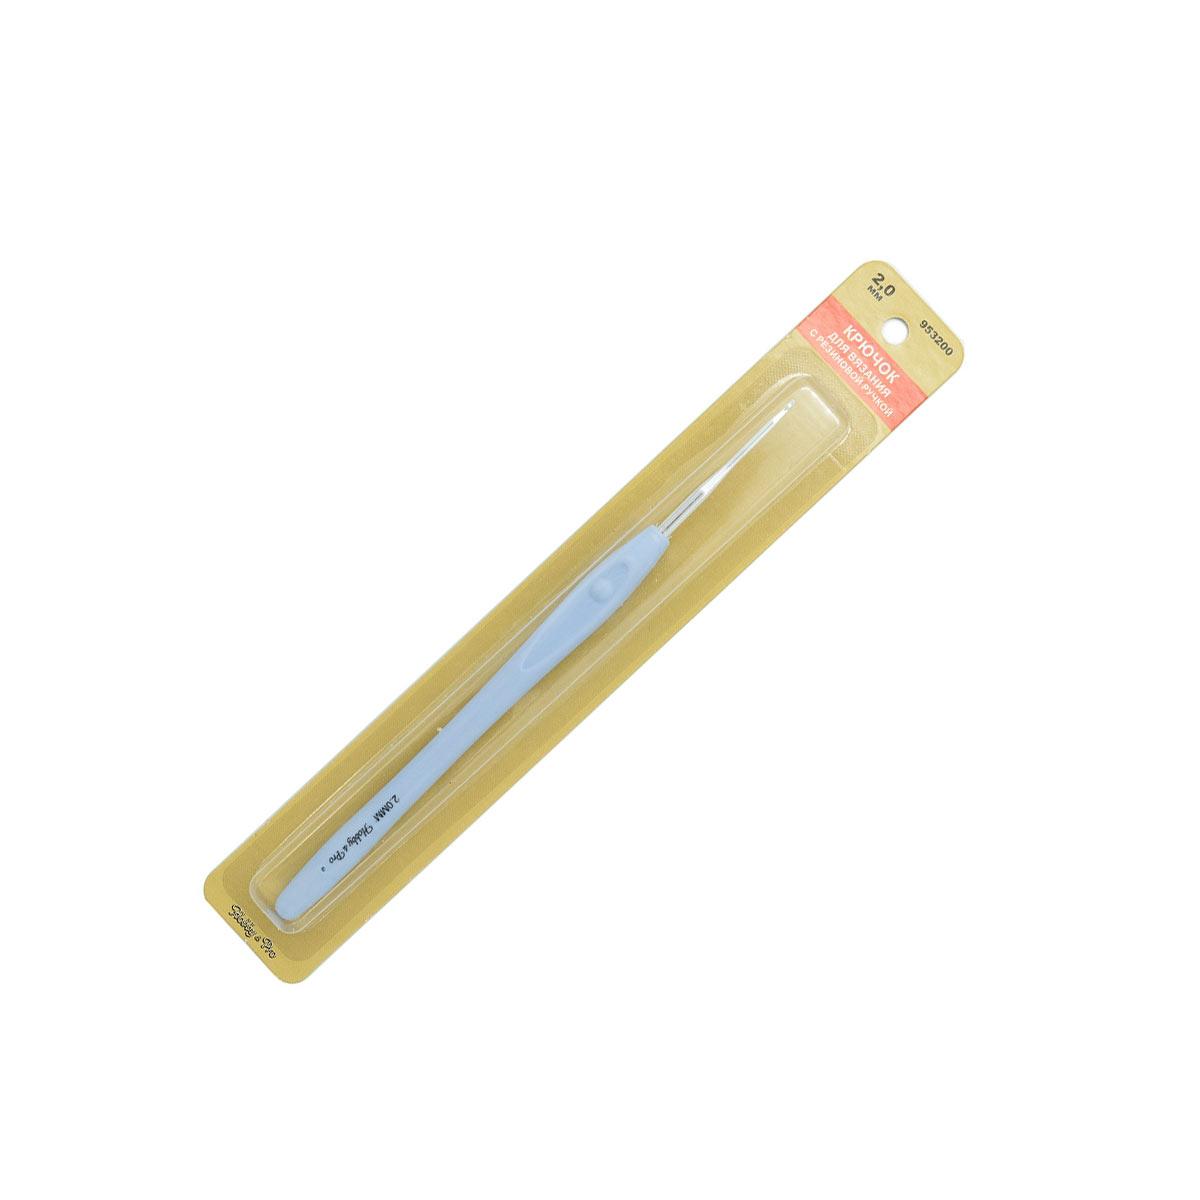 953200 Крючок для вязания с резиновой ручкой, 2,0мм